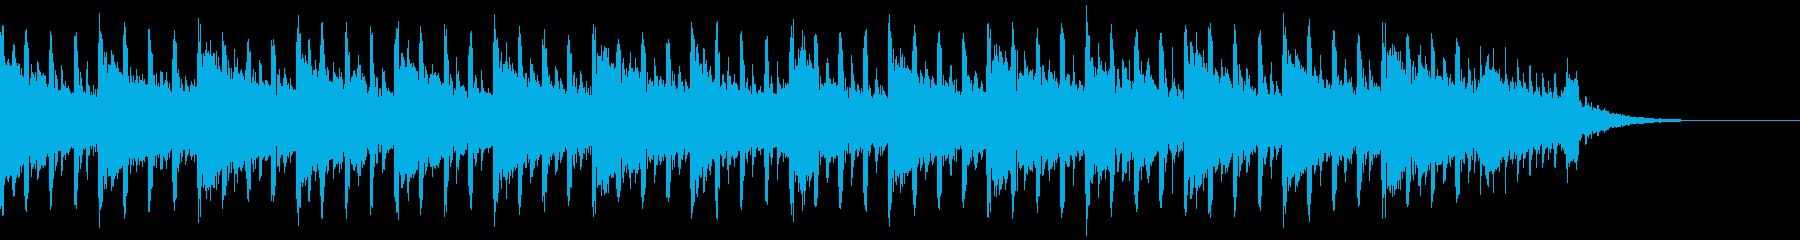 最小テクノロジー(40秒)の再生済みの波形